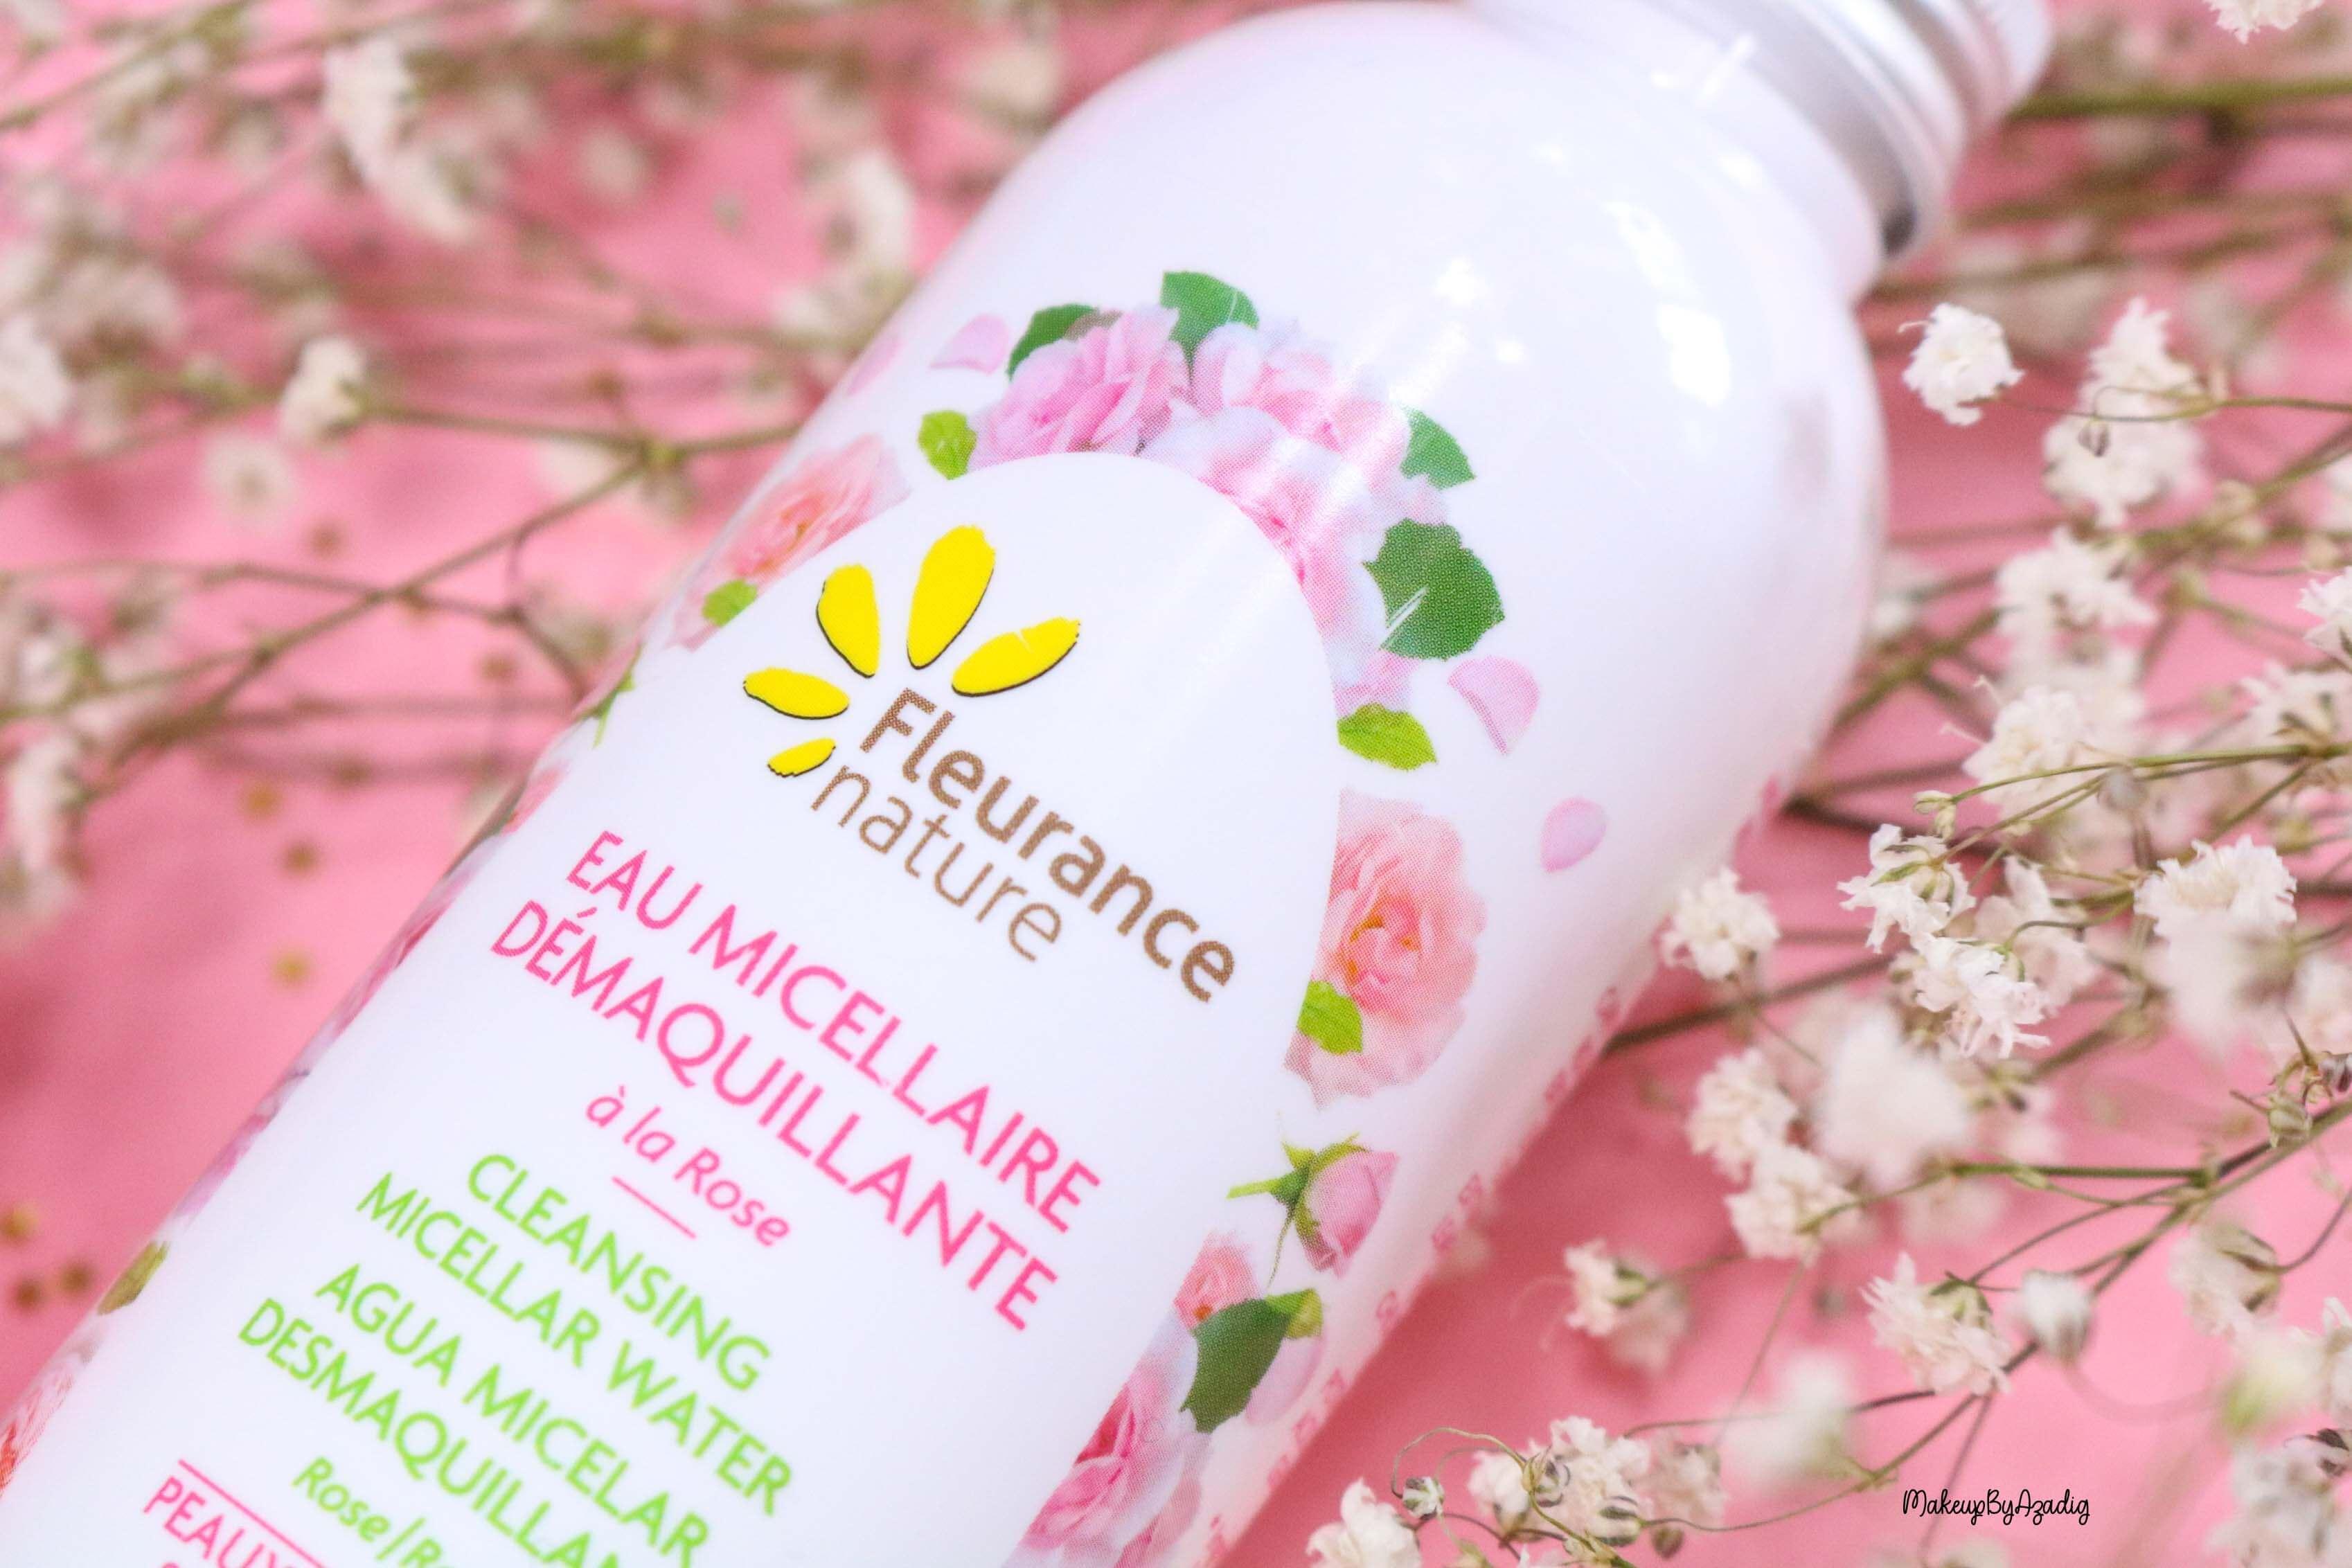 revue-eau-micellaire-demaquillante-eau-florale-rose-fleurance-nature-demaquillage-parfait-peau-acneique-makeupbyazadig-avis-prix-promo-logo